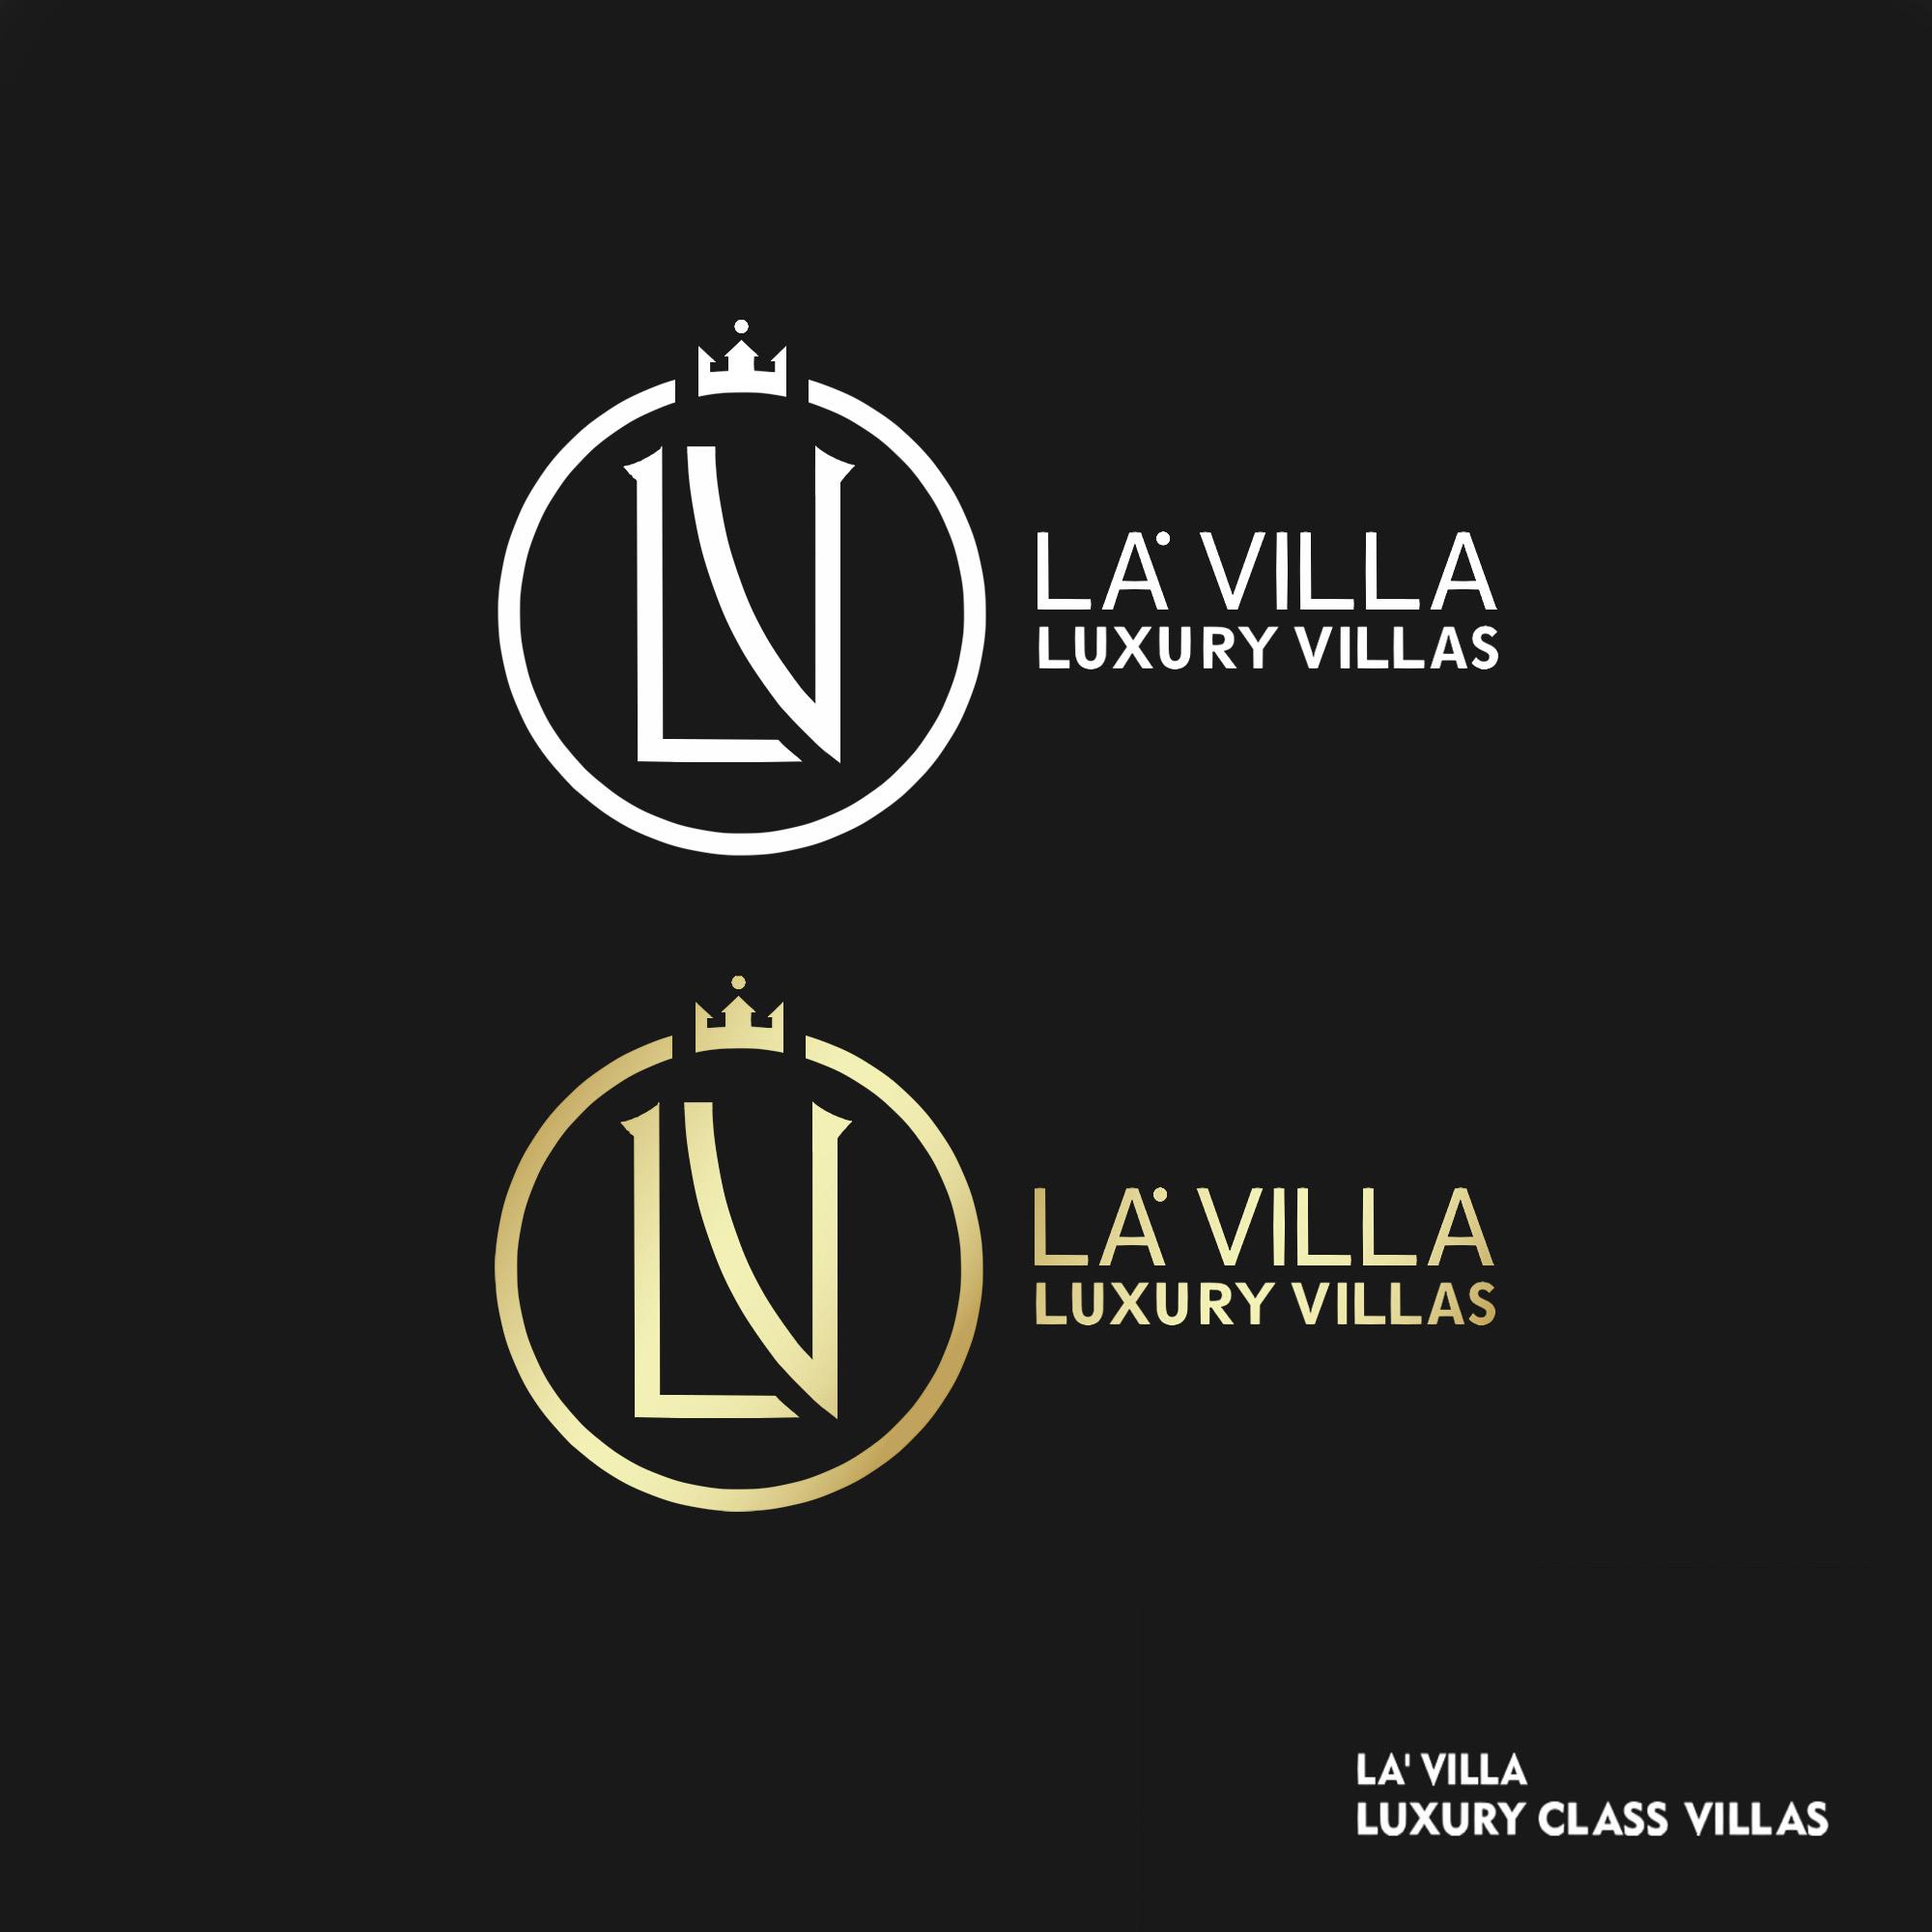 La' VIlla (logo design)